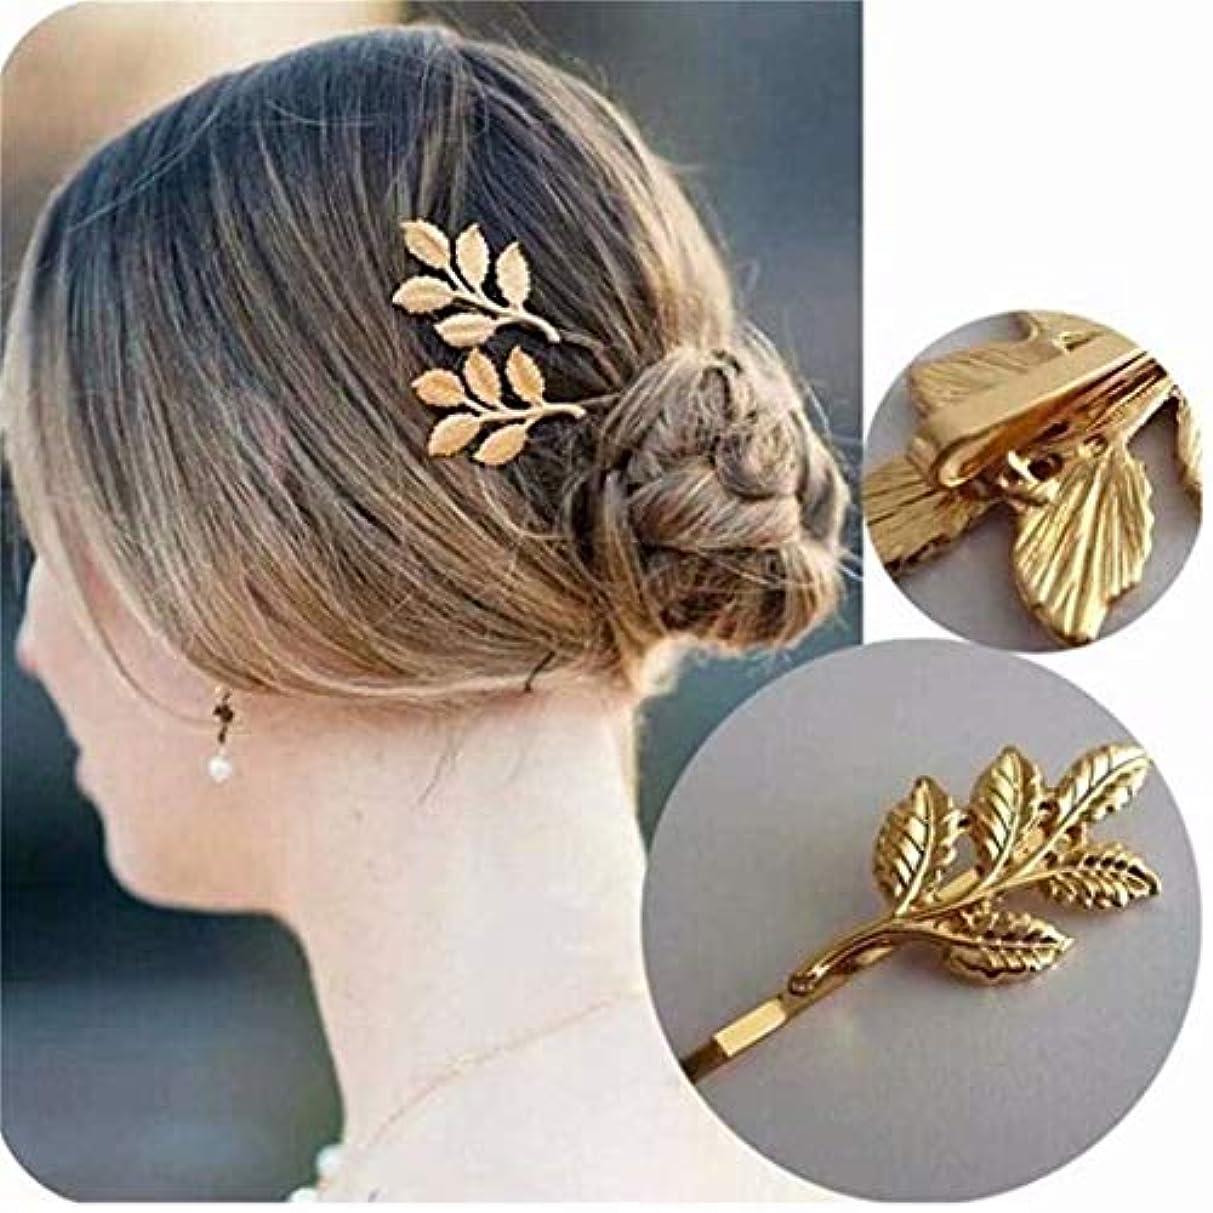 ソファー南極蒸気七里の香 ヘアクリップ ヘアピン 髪留め 木の葉 リーフの髪飾り ゴールド レディース アクセサリ エレガント 綺麗